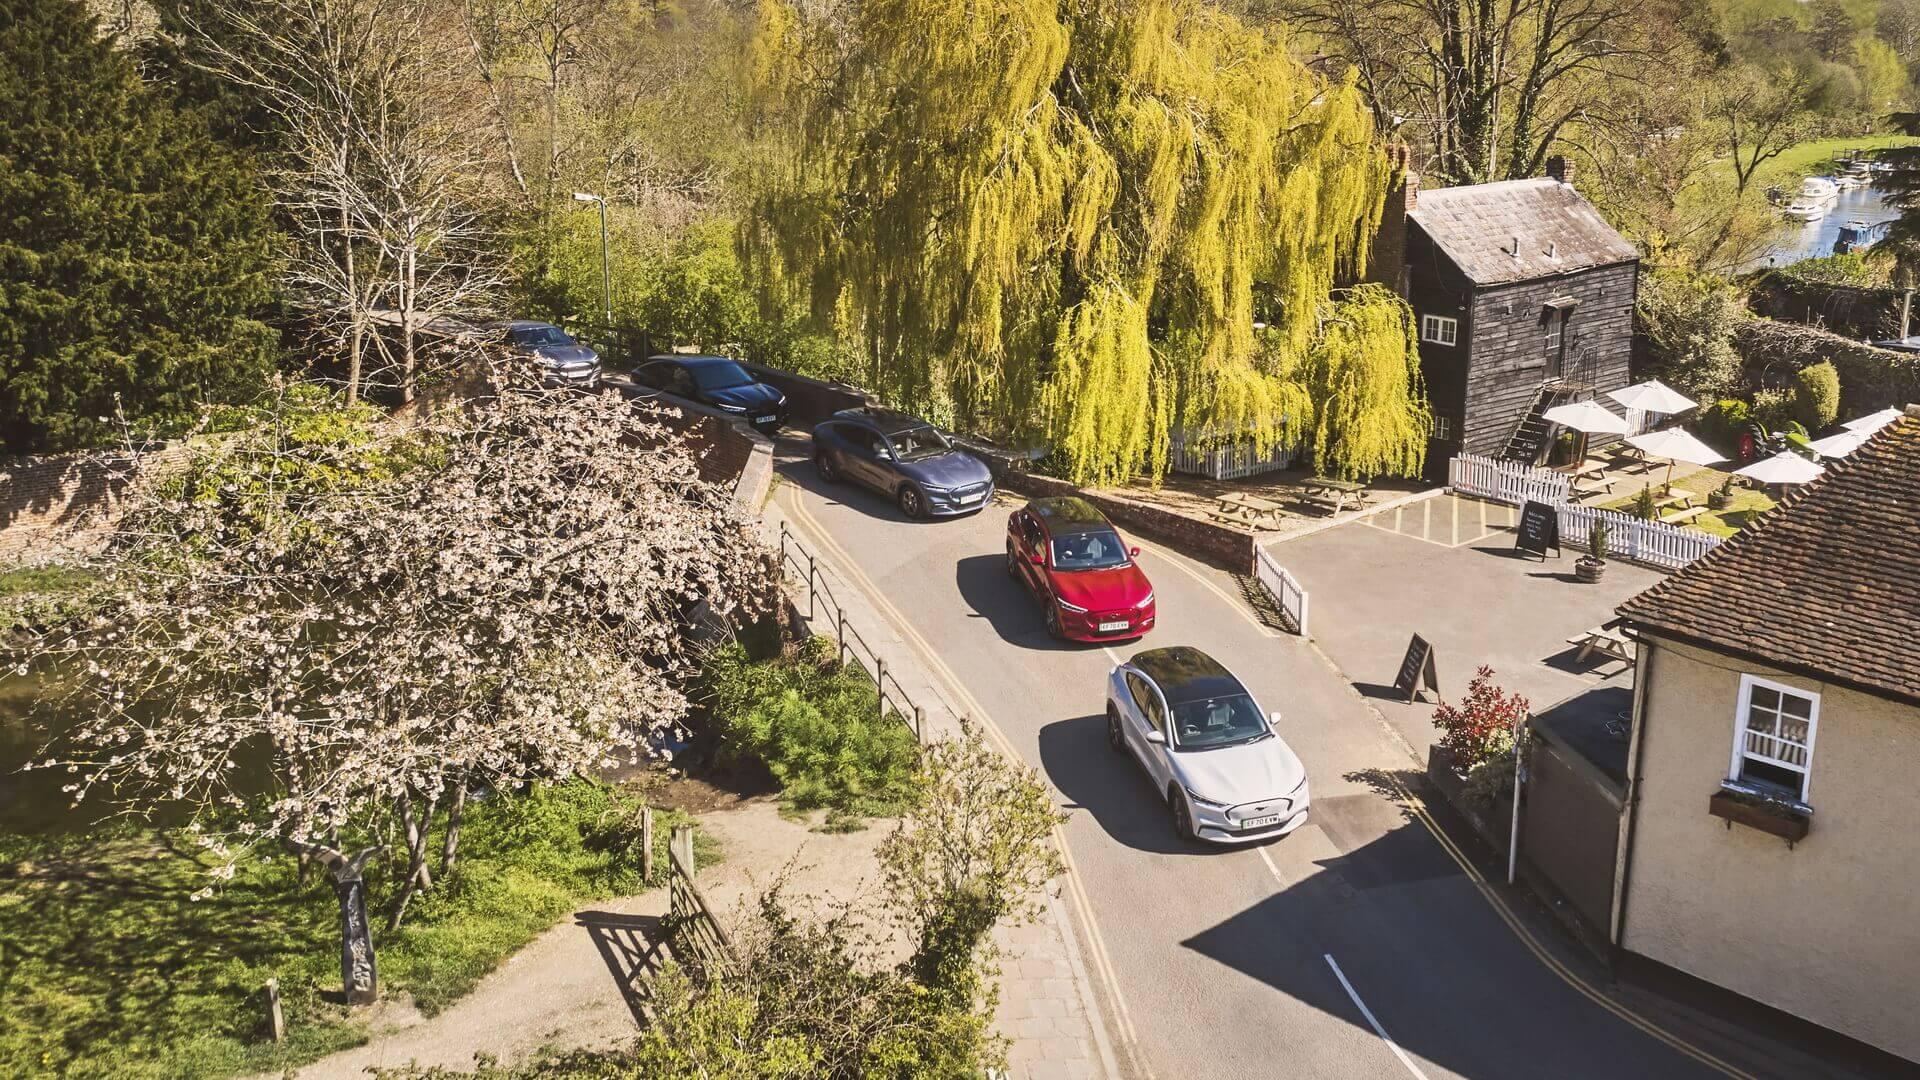 Ford на 3 дня предоставил Mustang Mach-E всем жителям самого маленького городка Великобритании